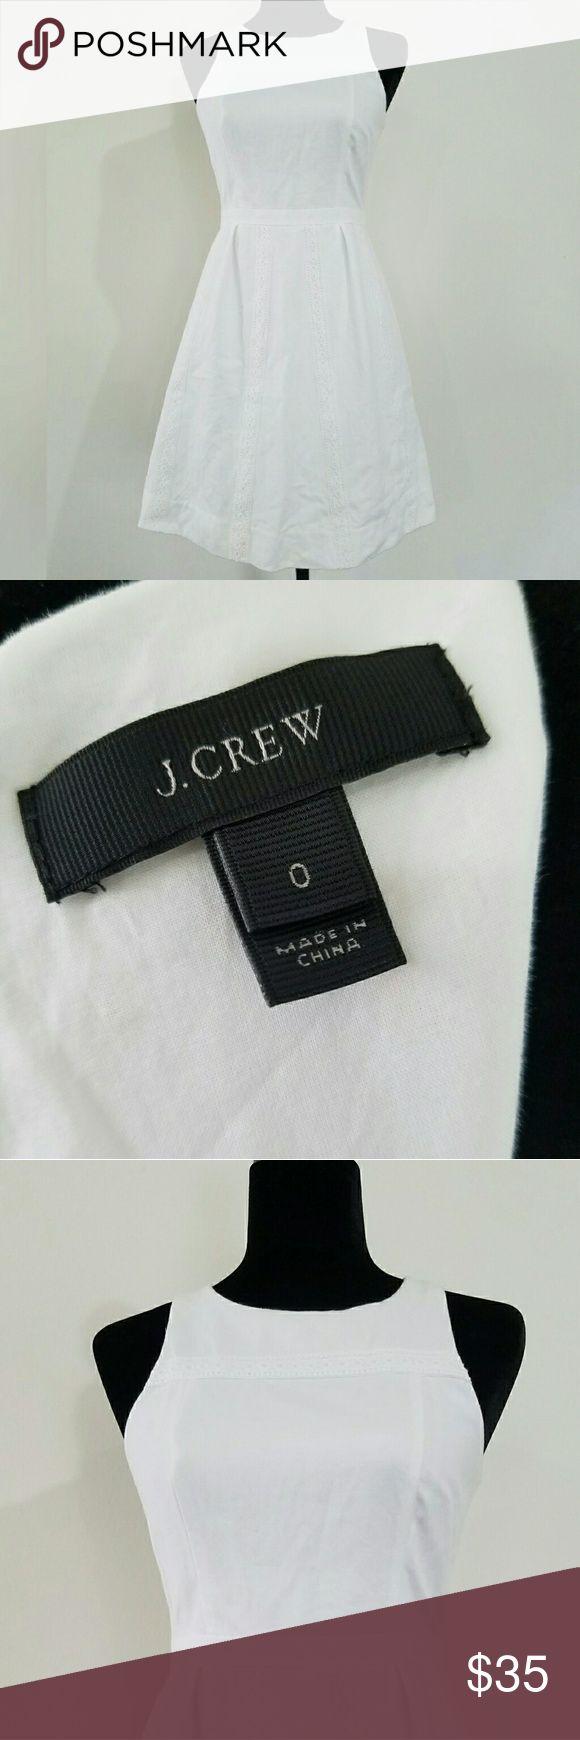 """J. Crew sun Dress Beautiful  White J. Crew Sun Dress. Size 0. 12"""" bust, 13"""" waist, 33"""" lenth.  Excellent condition.  No flaws. J. Crew Dresses"""